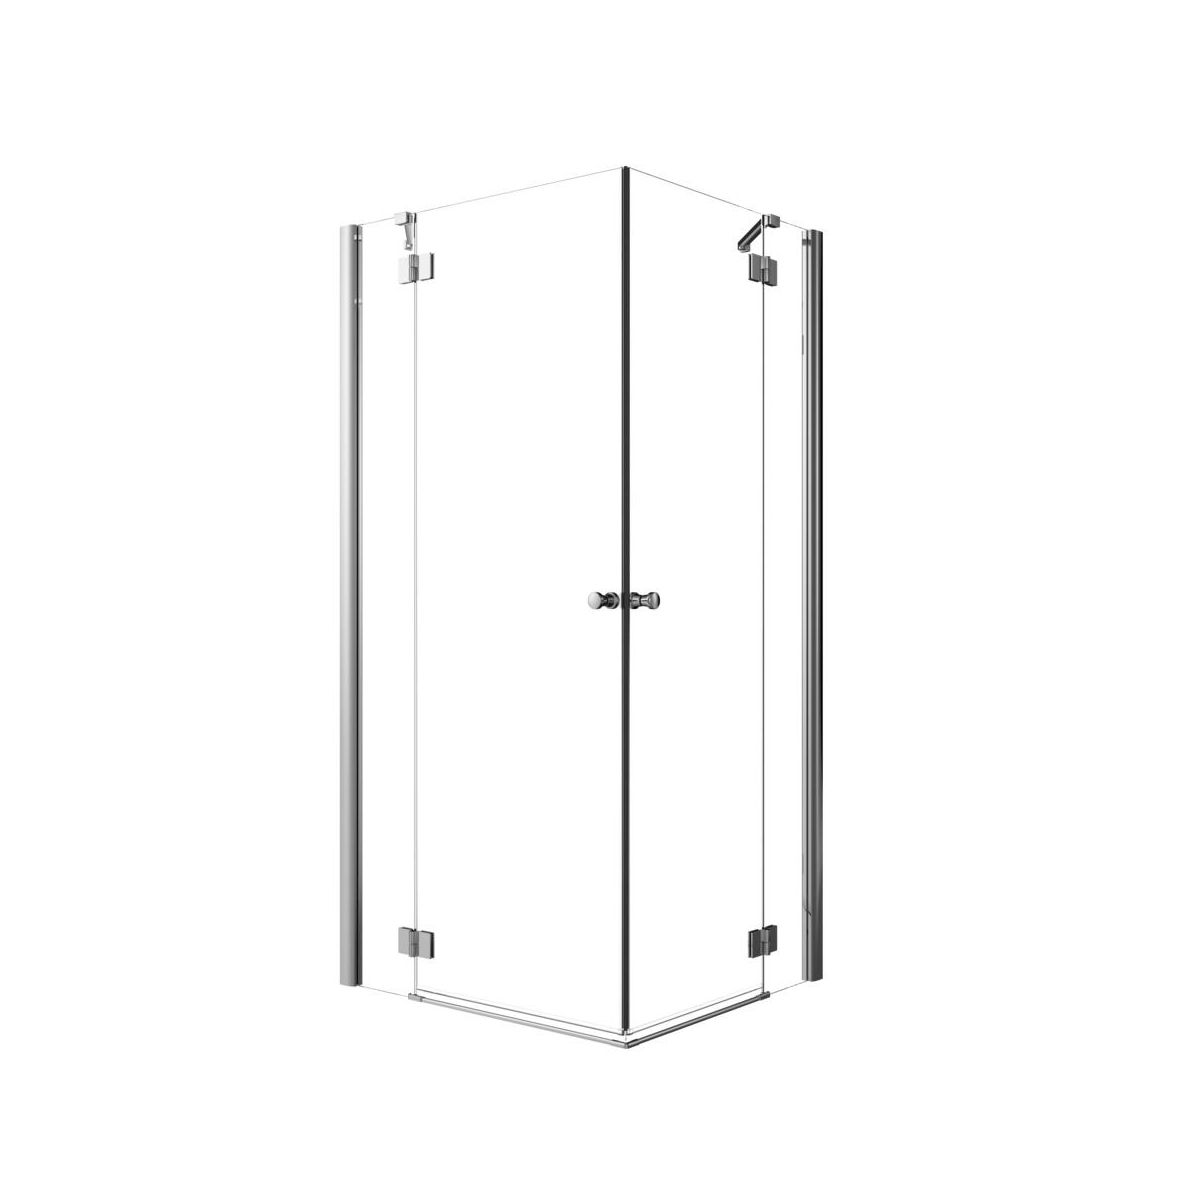 Kabina Prysznicowa 100 X 100 Cm Iridum Valence Kabiny Prysznicowe W Atrakcyjnej Cenie W Sklepach Leroy Merlin